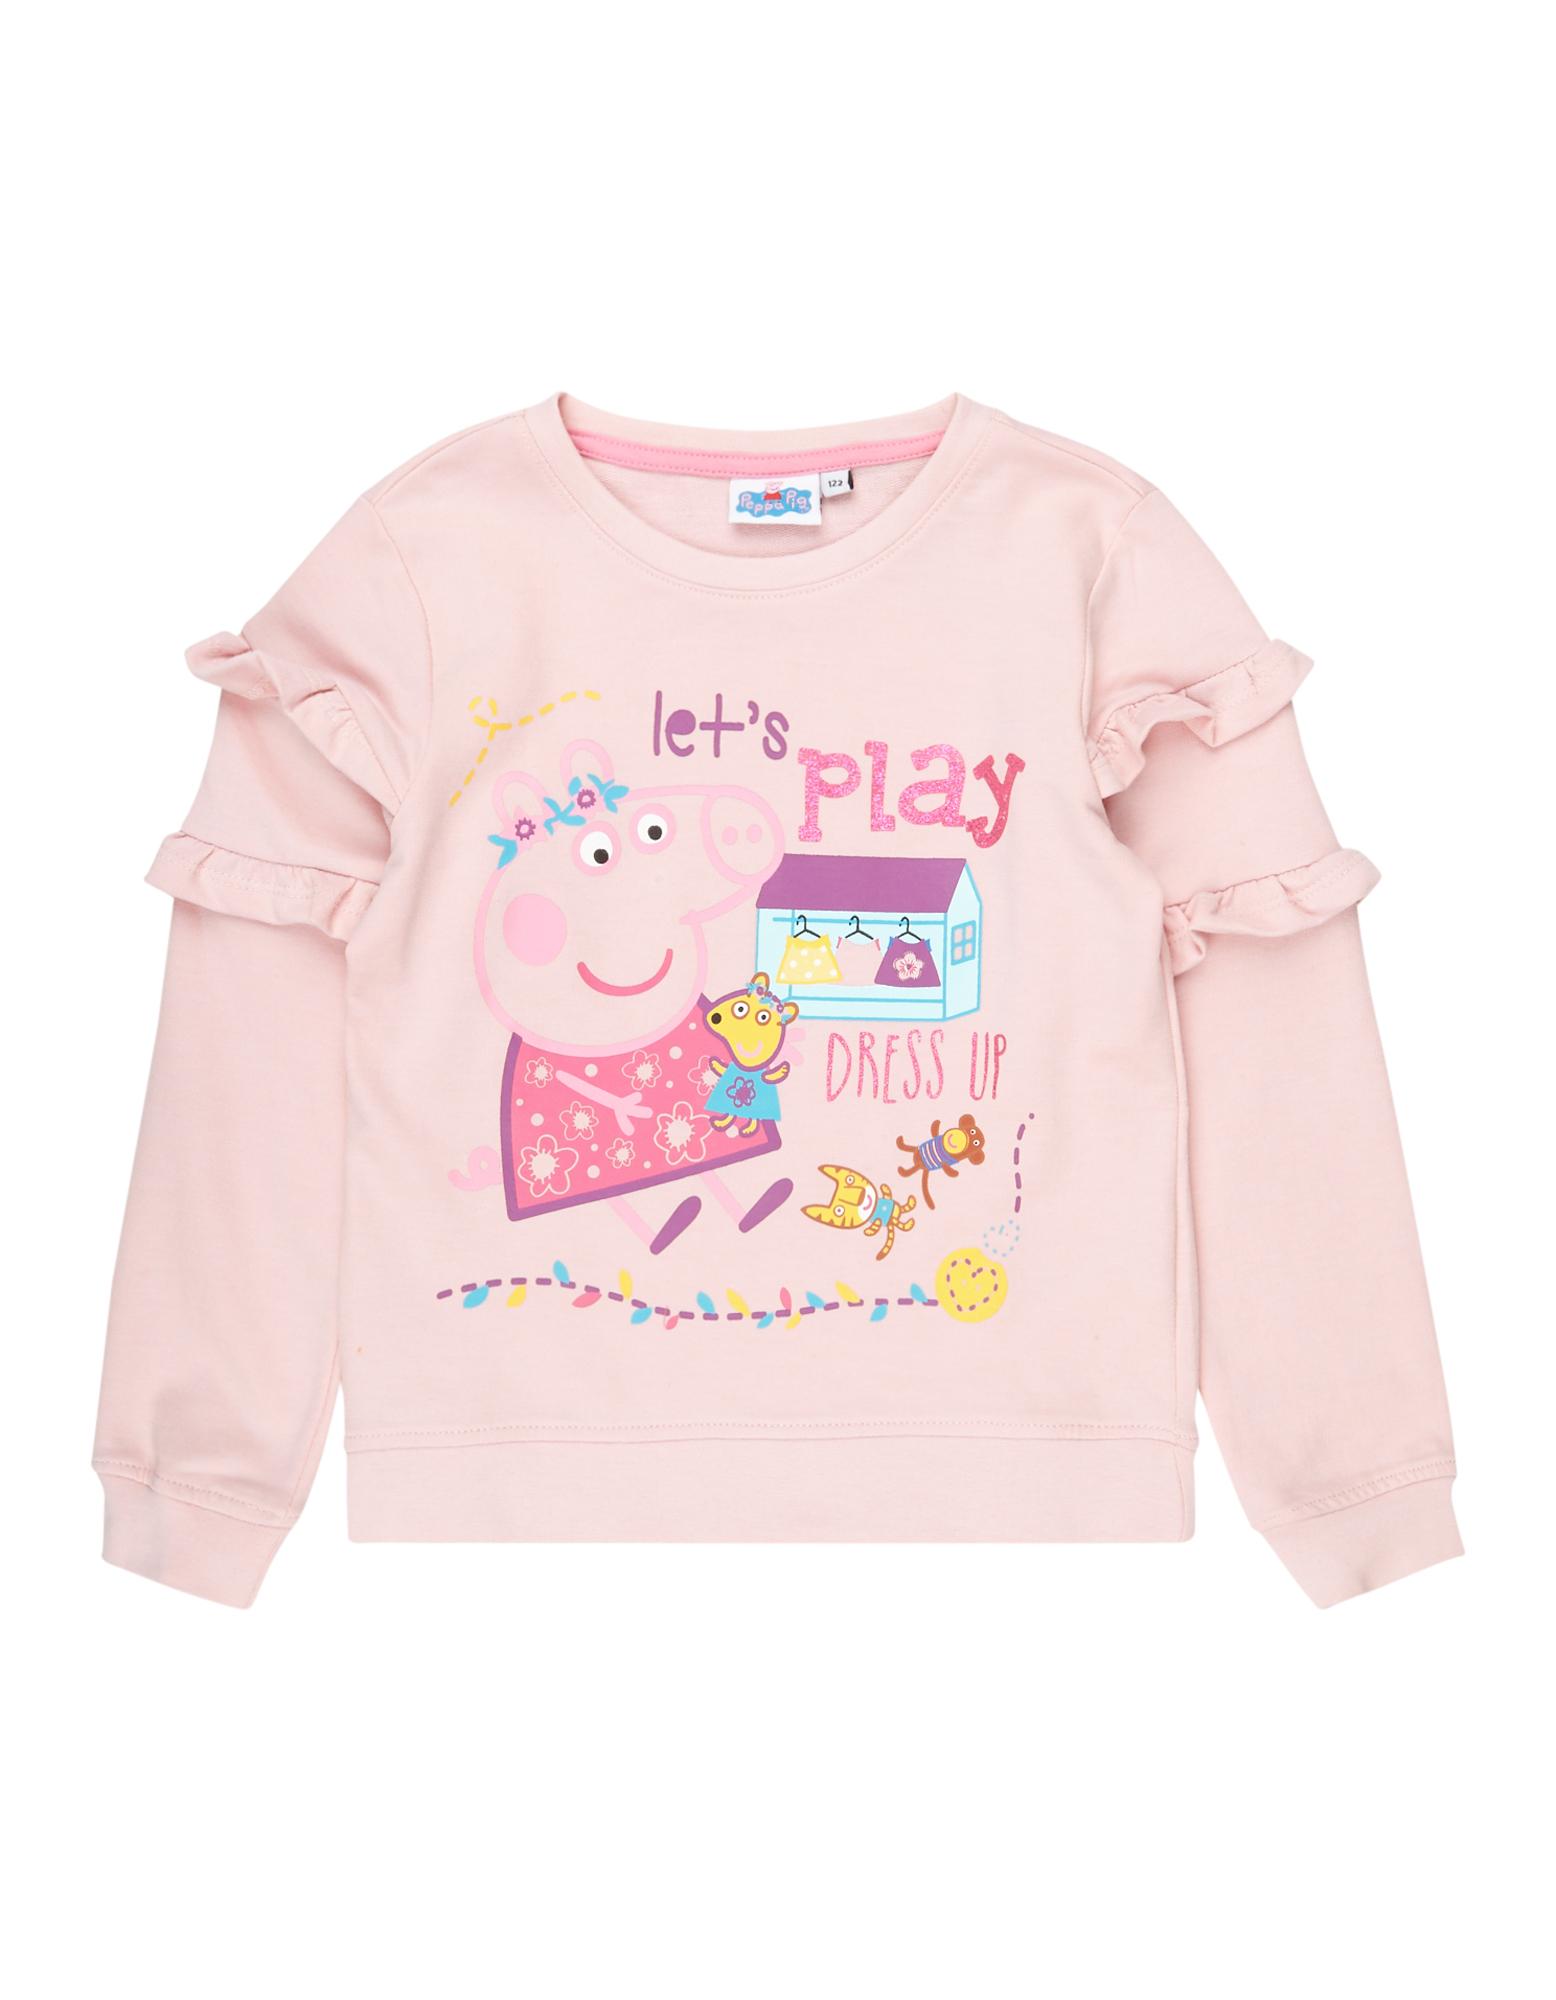 Mädchen Sweatshirt mit Peppa Pig-Print  | 81598234040909